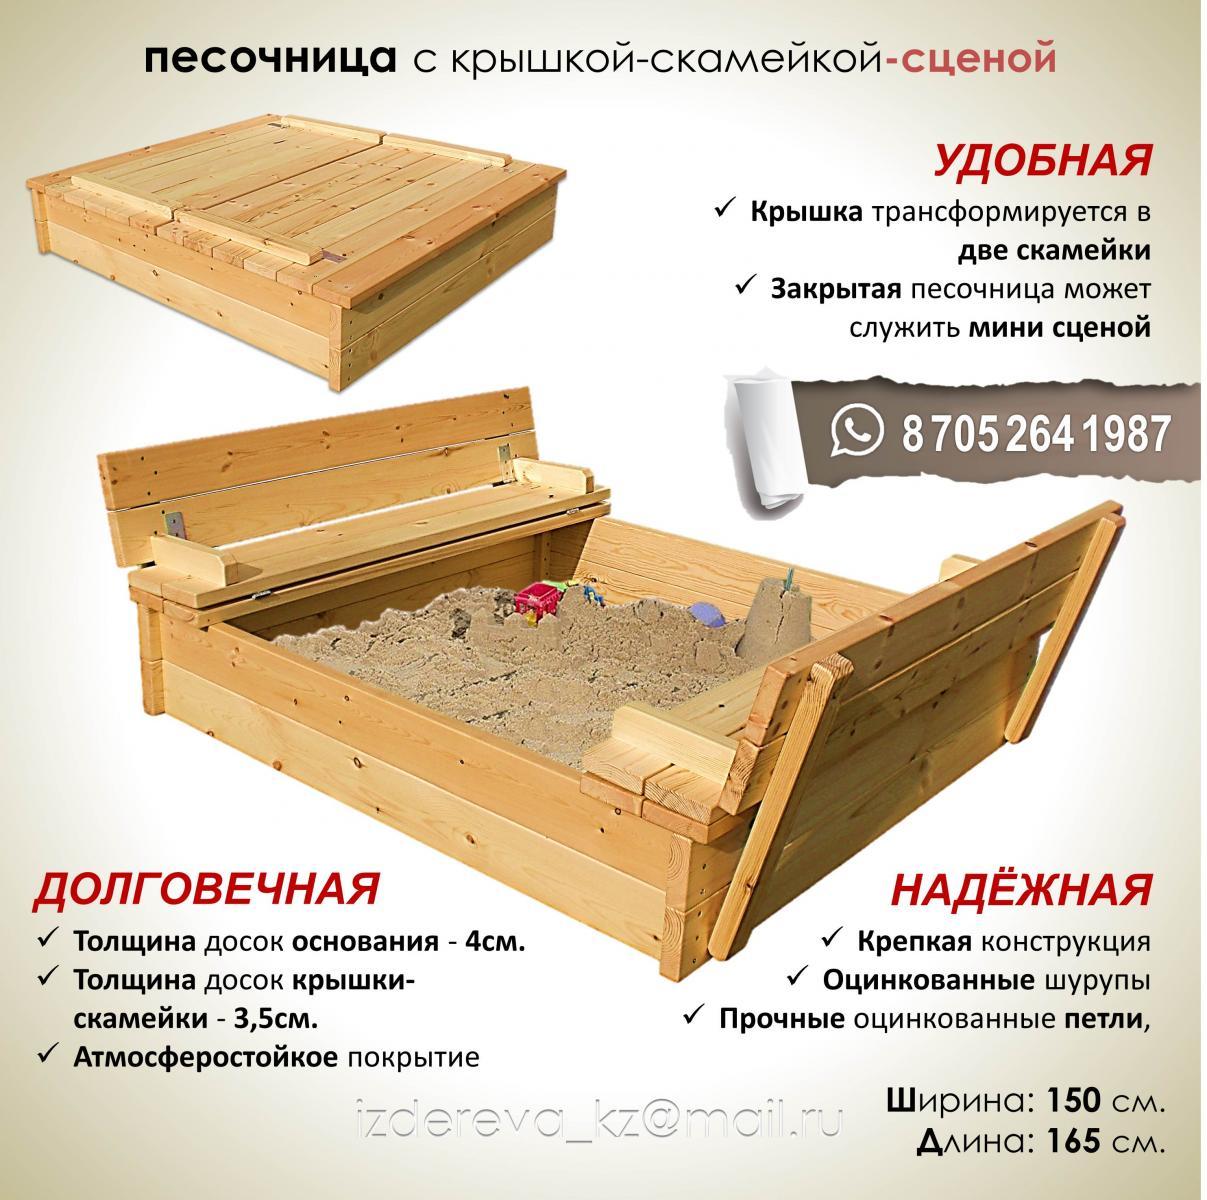 Как сделать деревянную детскую песочницу с крышкой своими руками